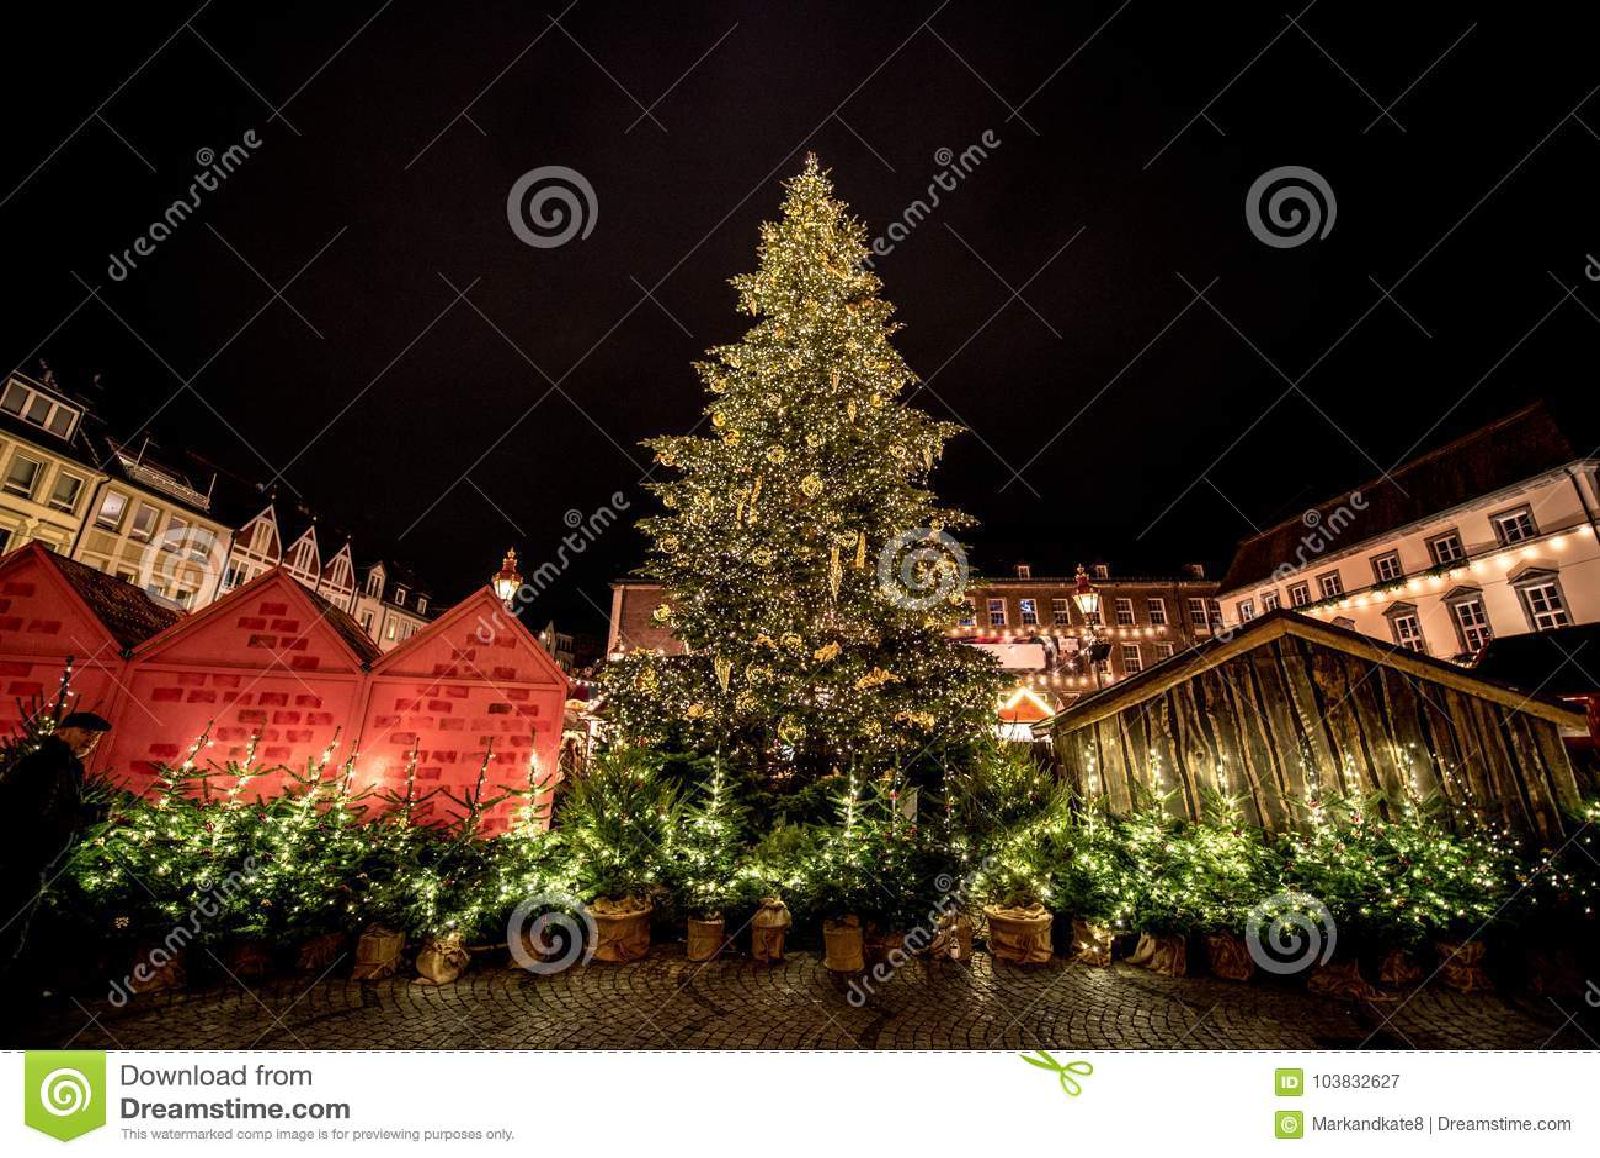 German Christmas Tree.Christmas Trees At German Christmas Markets Stock Image